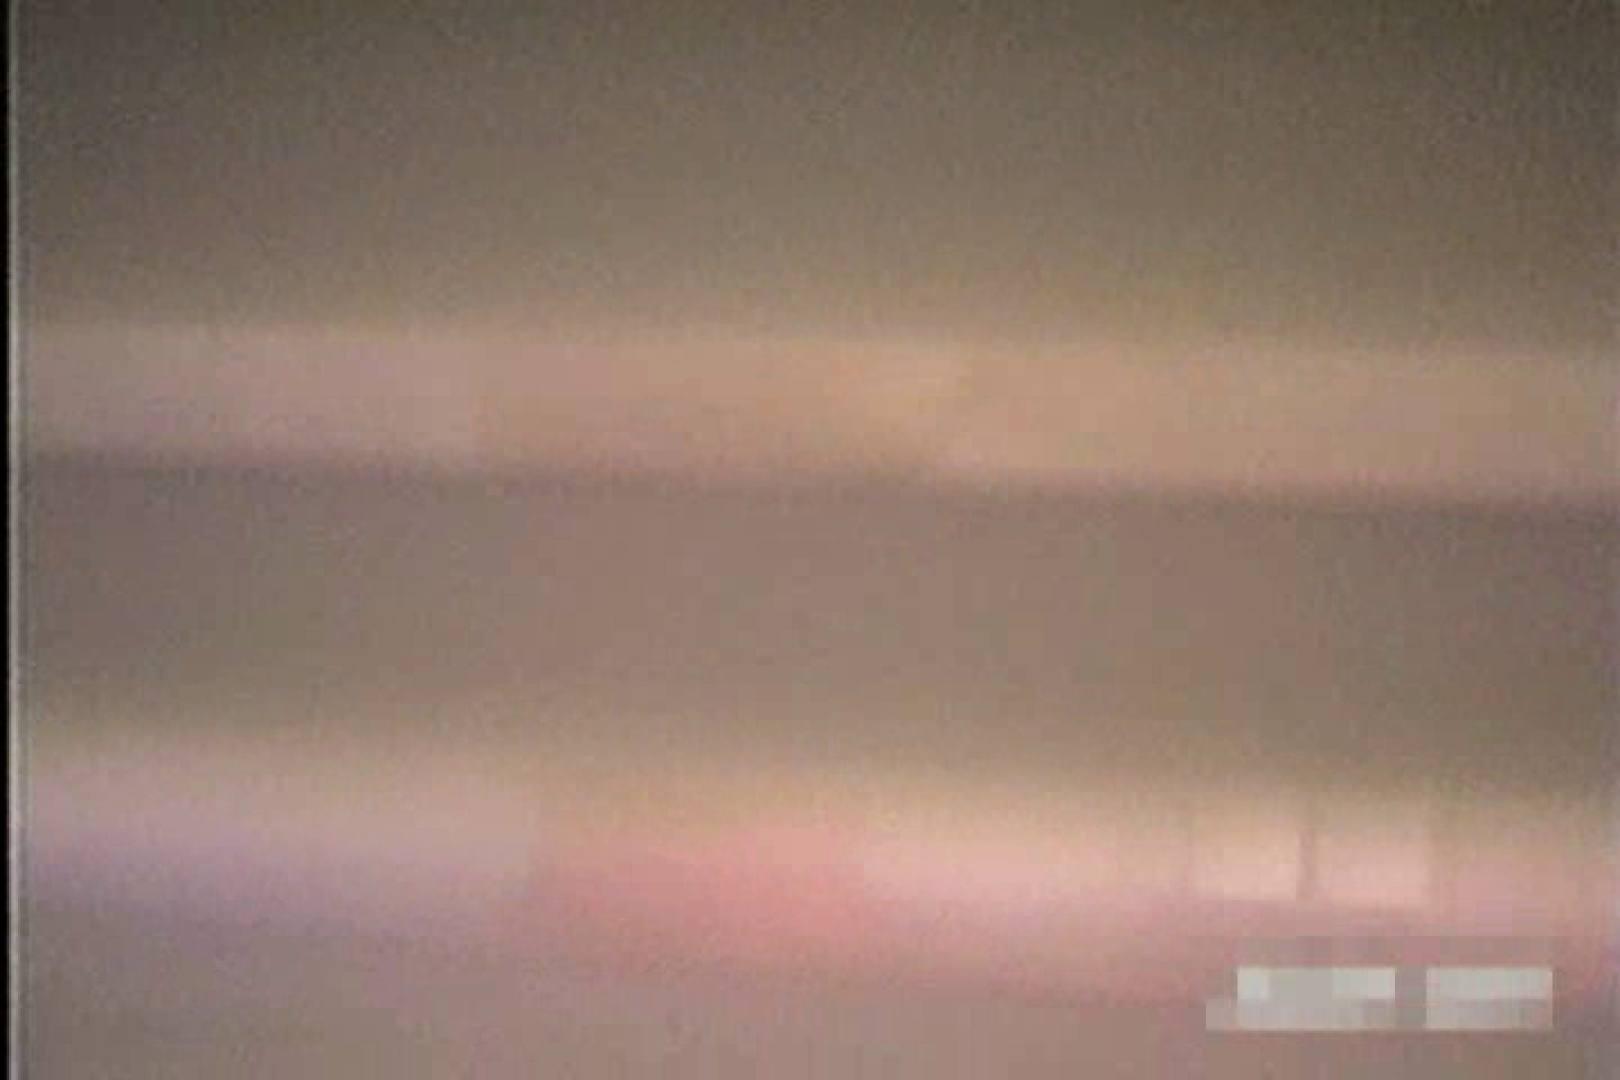 激撮ストーカー記録あなたのお宅拝見しますVol.1 反撃の悪戯 濡れ場動画紹介 98pic 77